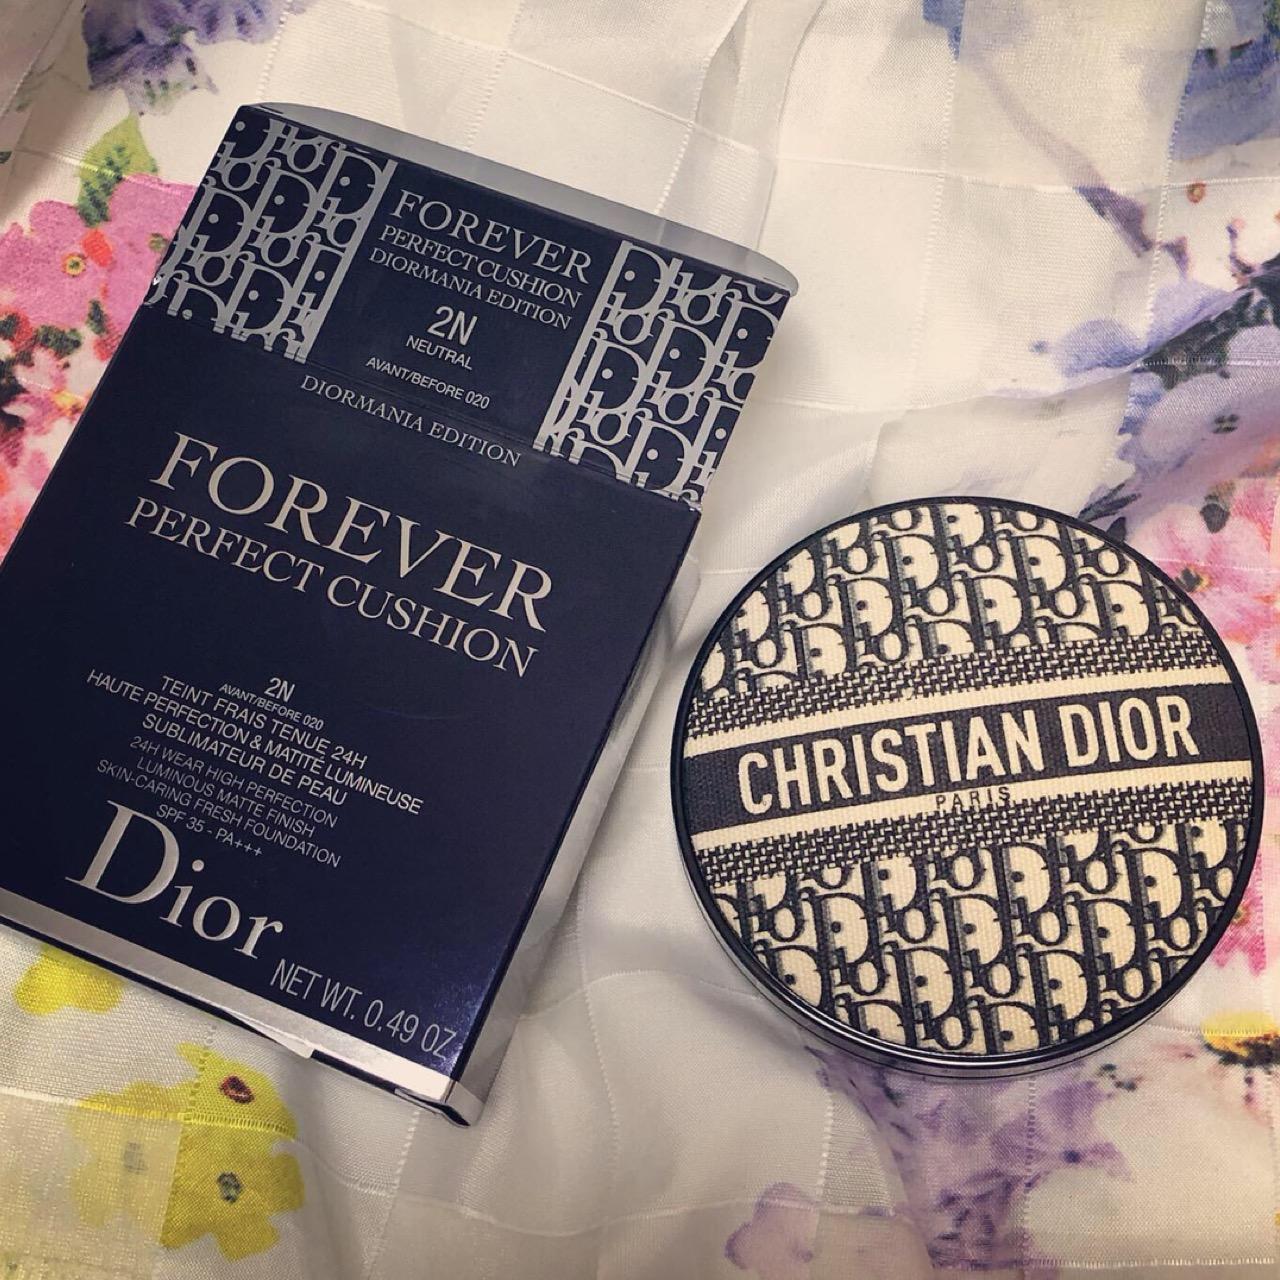 <デパコス>やっぱりDiorがだいすき♡ディオールスキン フォーエバークッション ディオールマニア エディションが奇跡の再販!_1